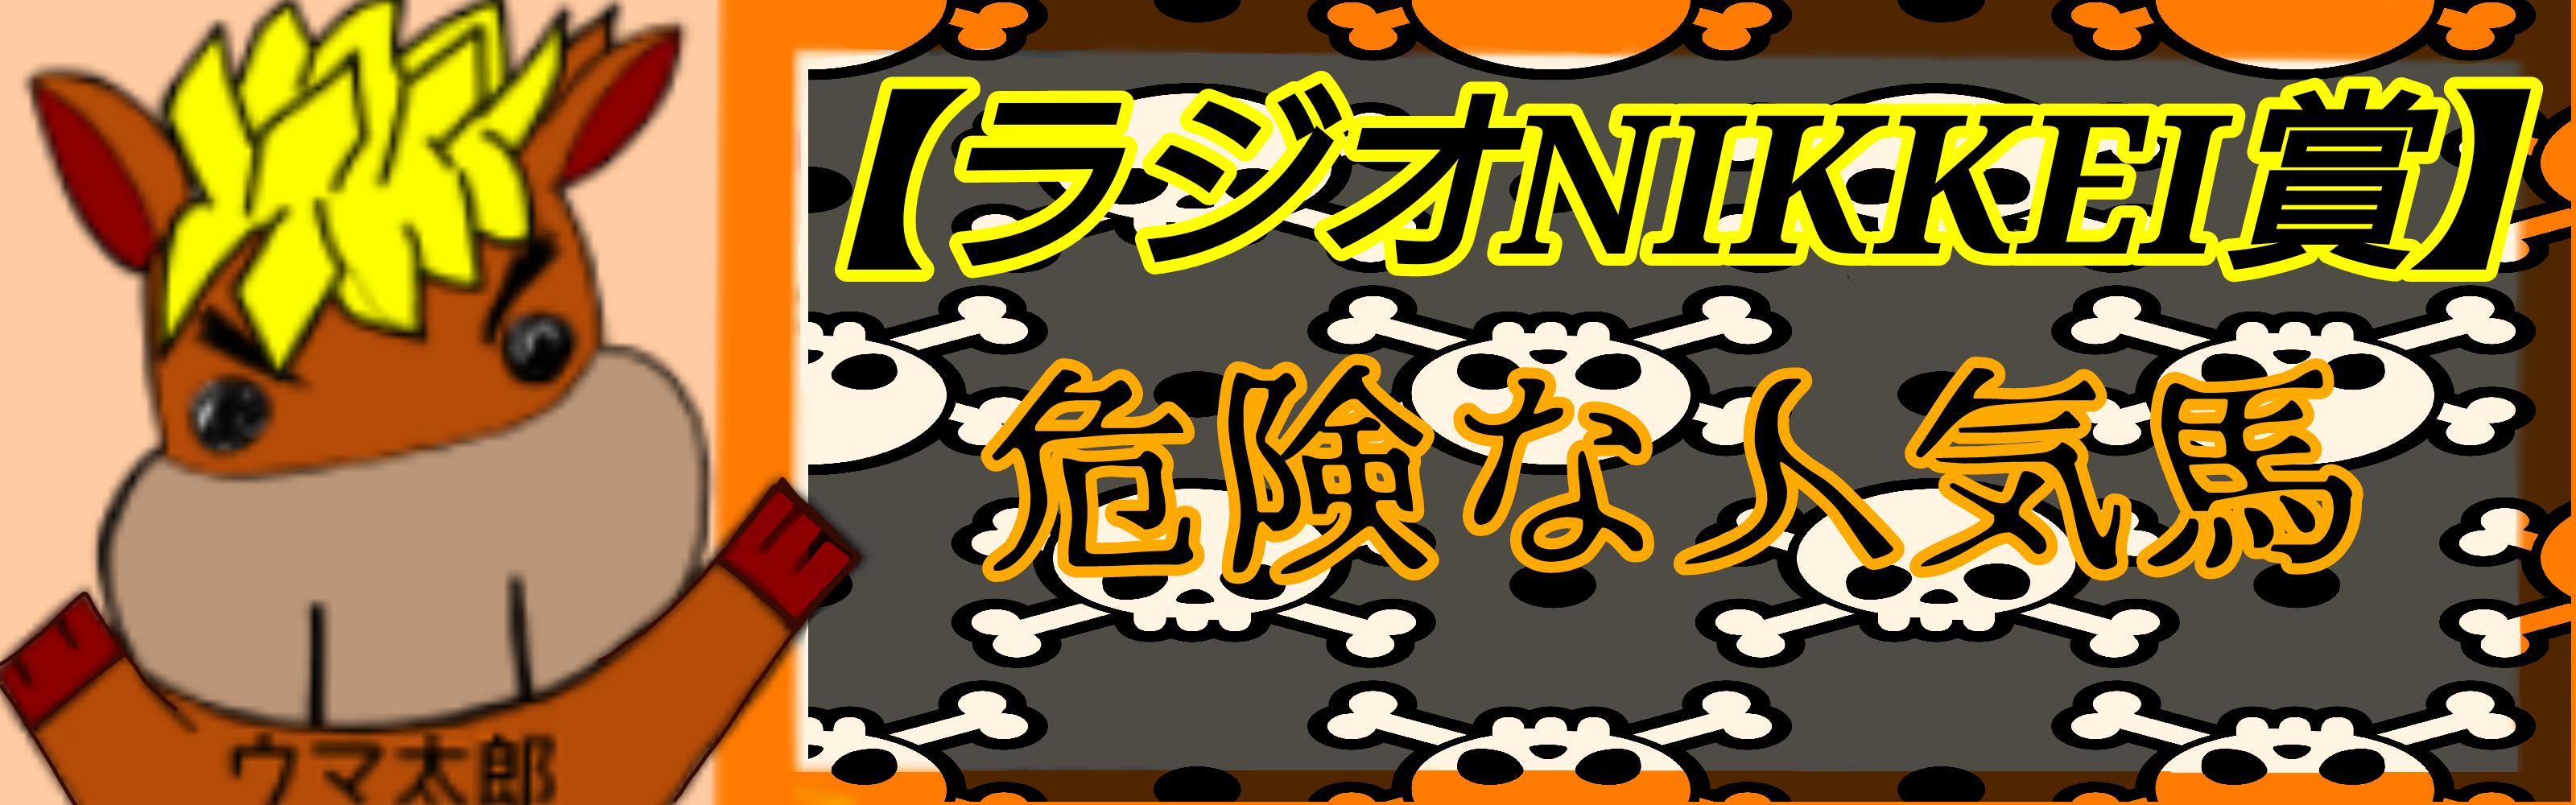 【ラジオNIKKEI賞】危険な人気馬